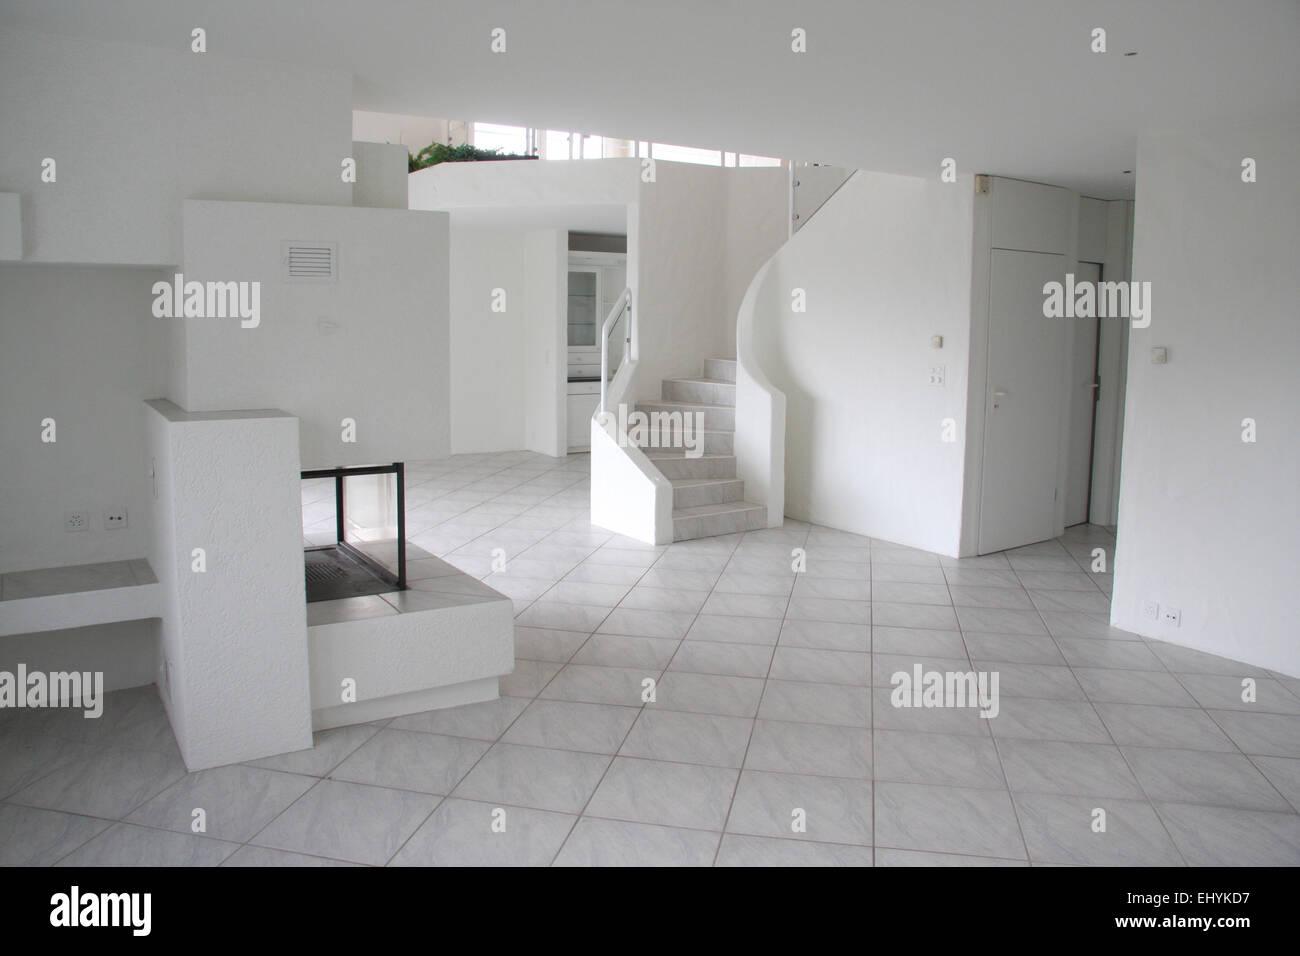 schweiz haus wohnung einfamilienhaus luxuri s innen. Black Bedroom Furniture Sets. Home Design Ideas